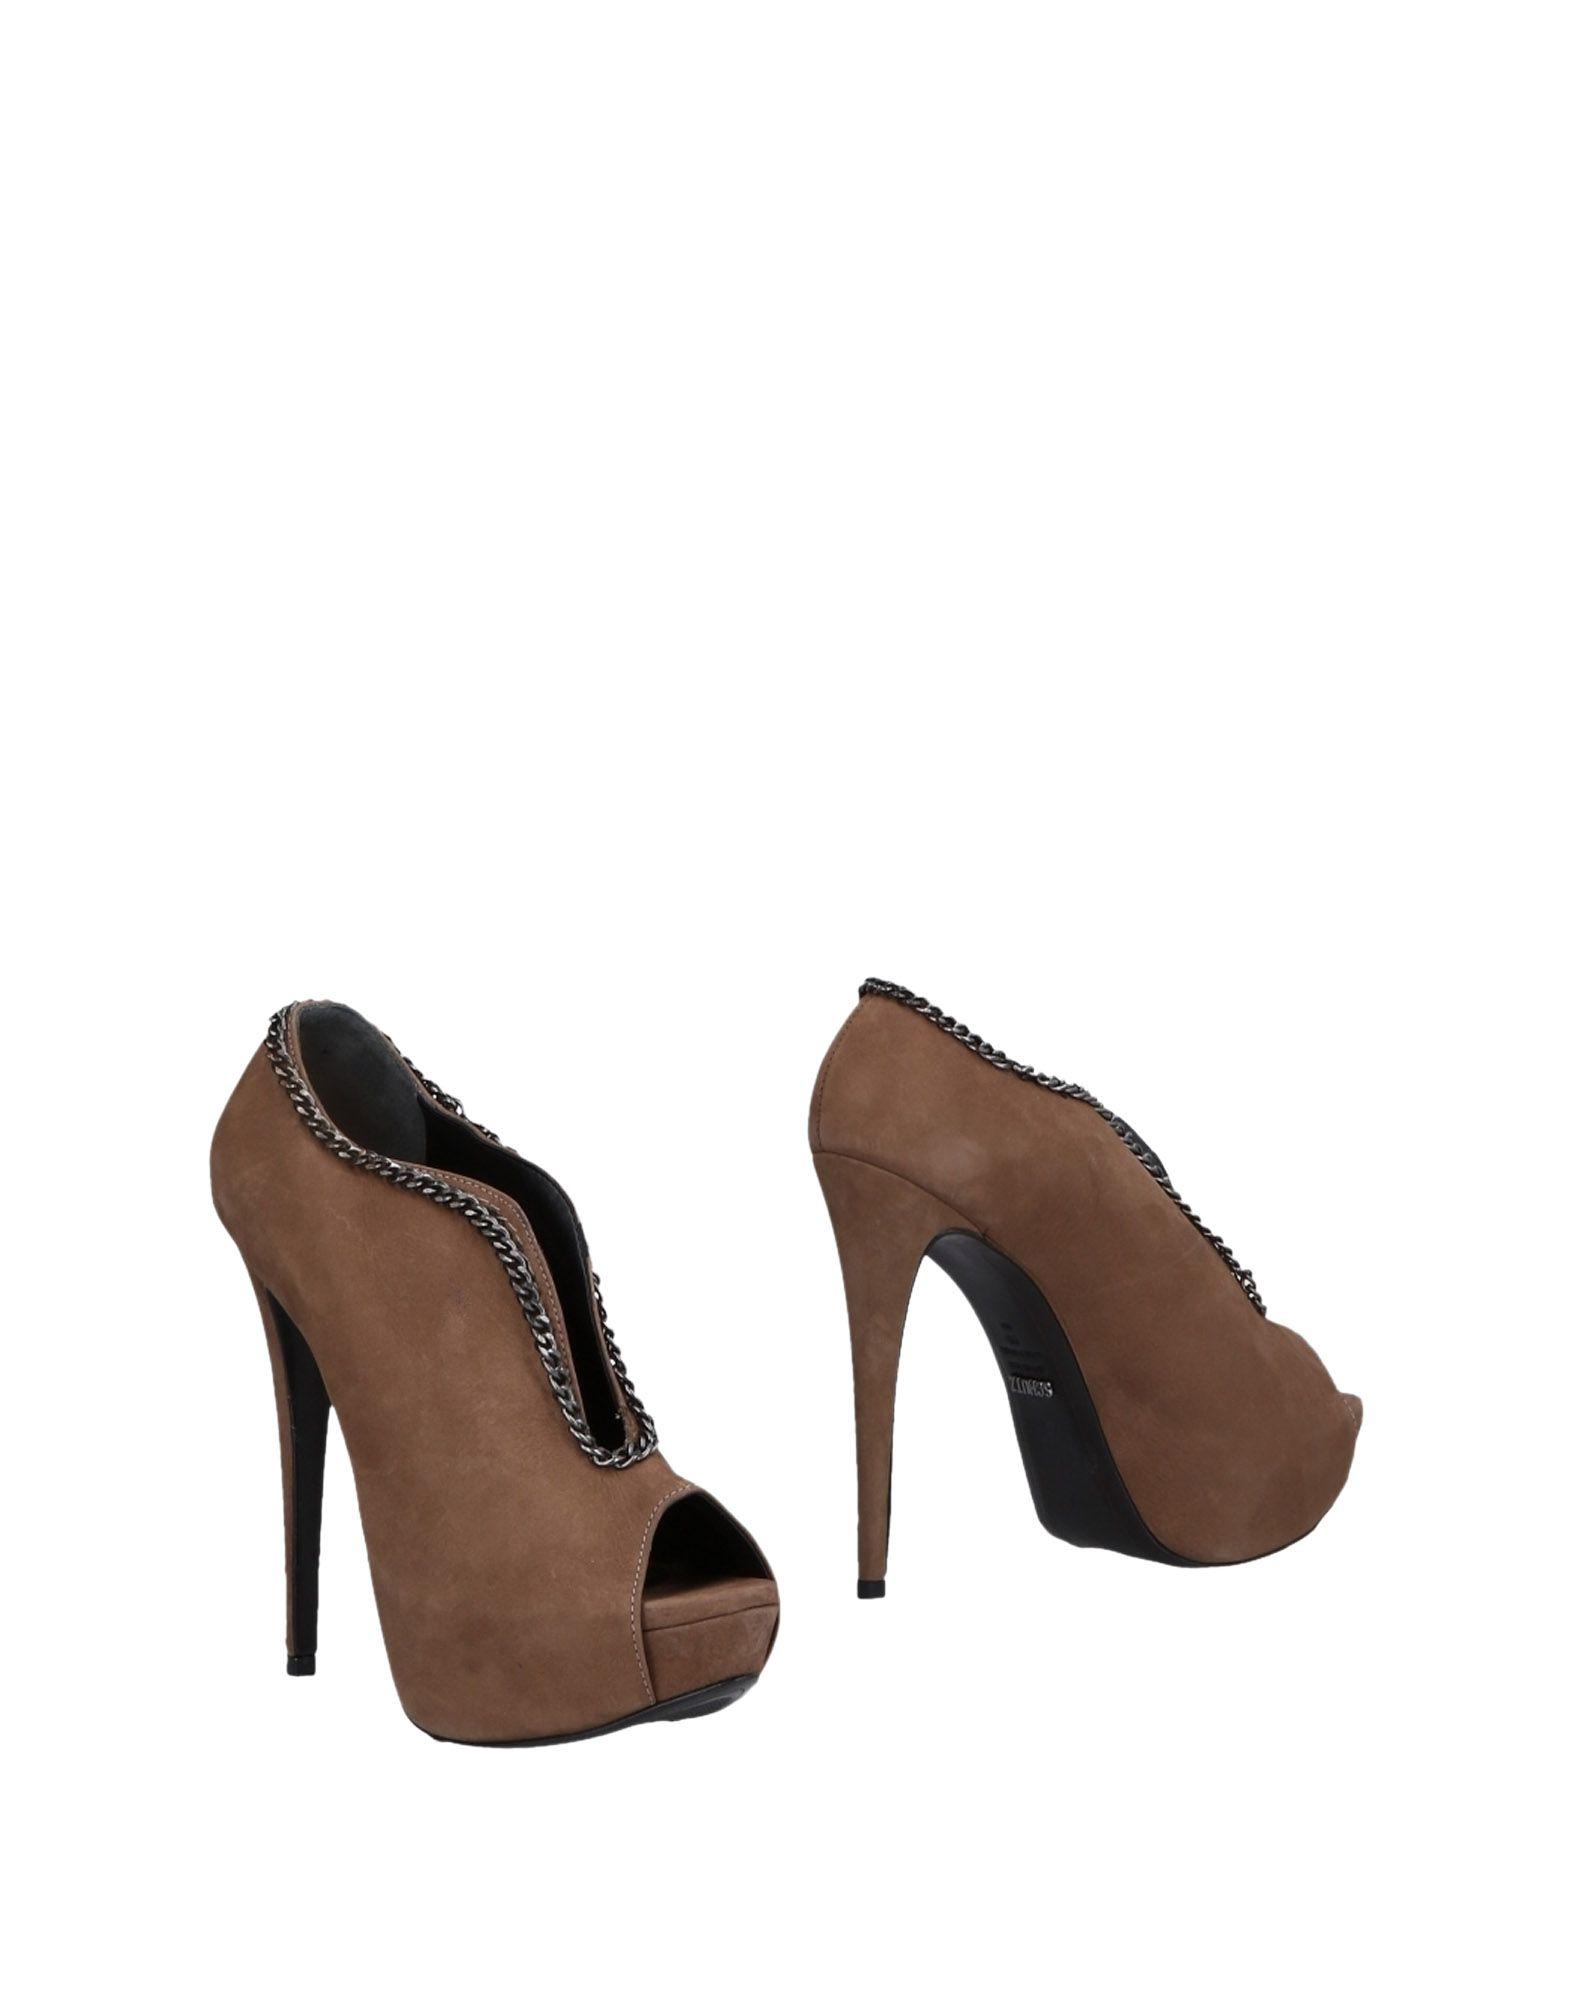 Moda Stivaletti Schutz Donna - 11475901WW